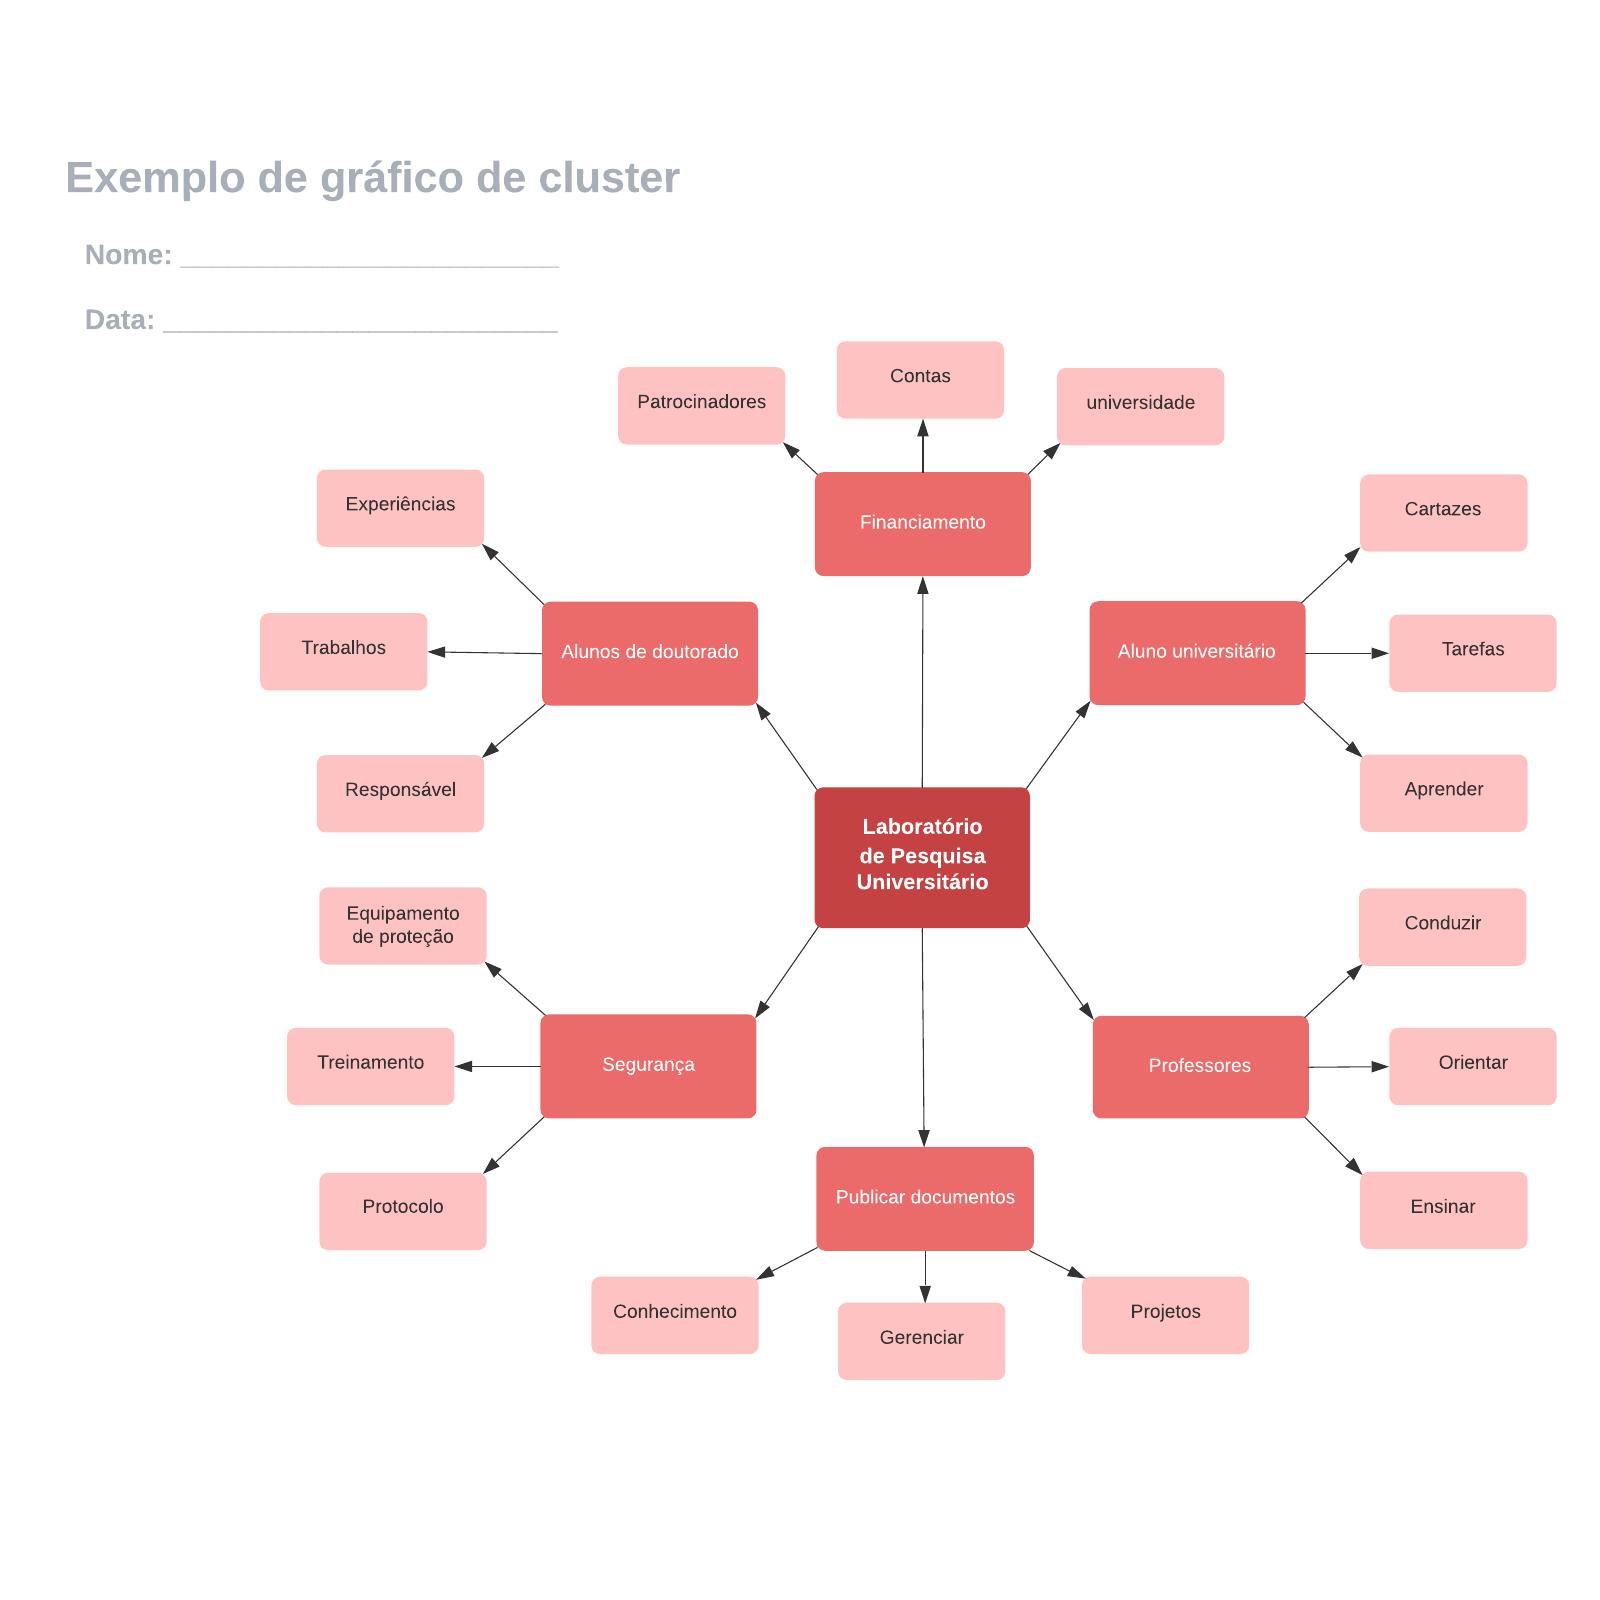 Exemplo de gráfico de cluster